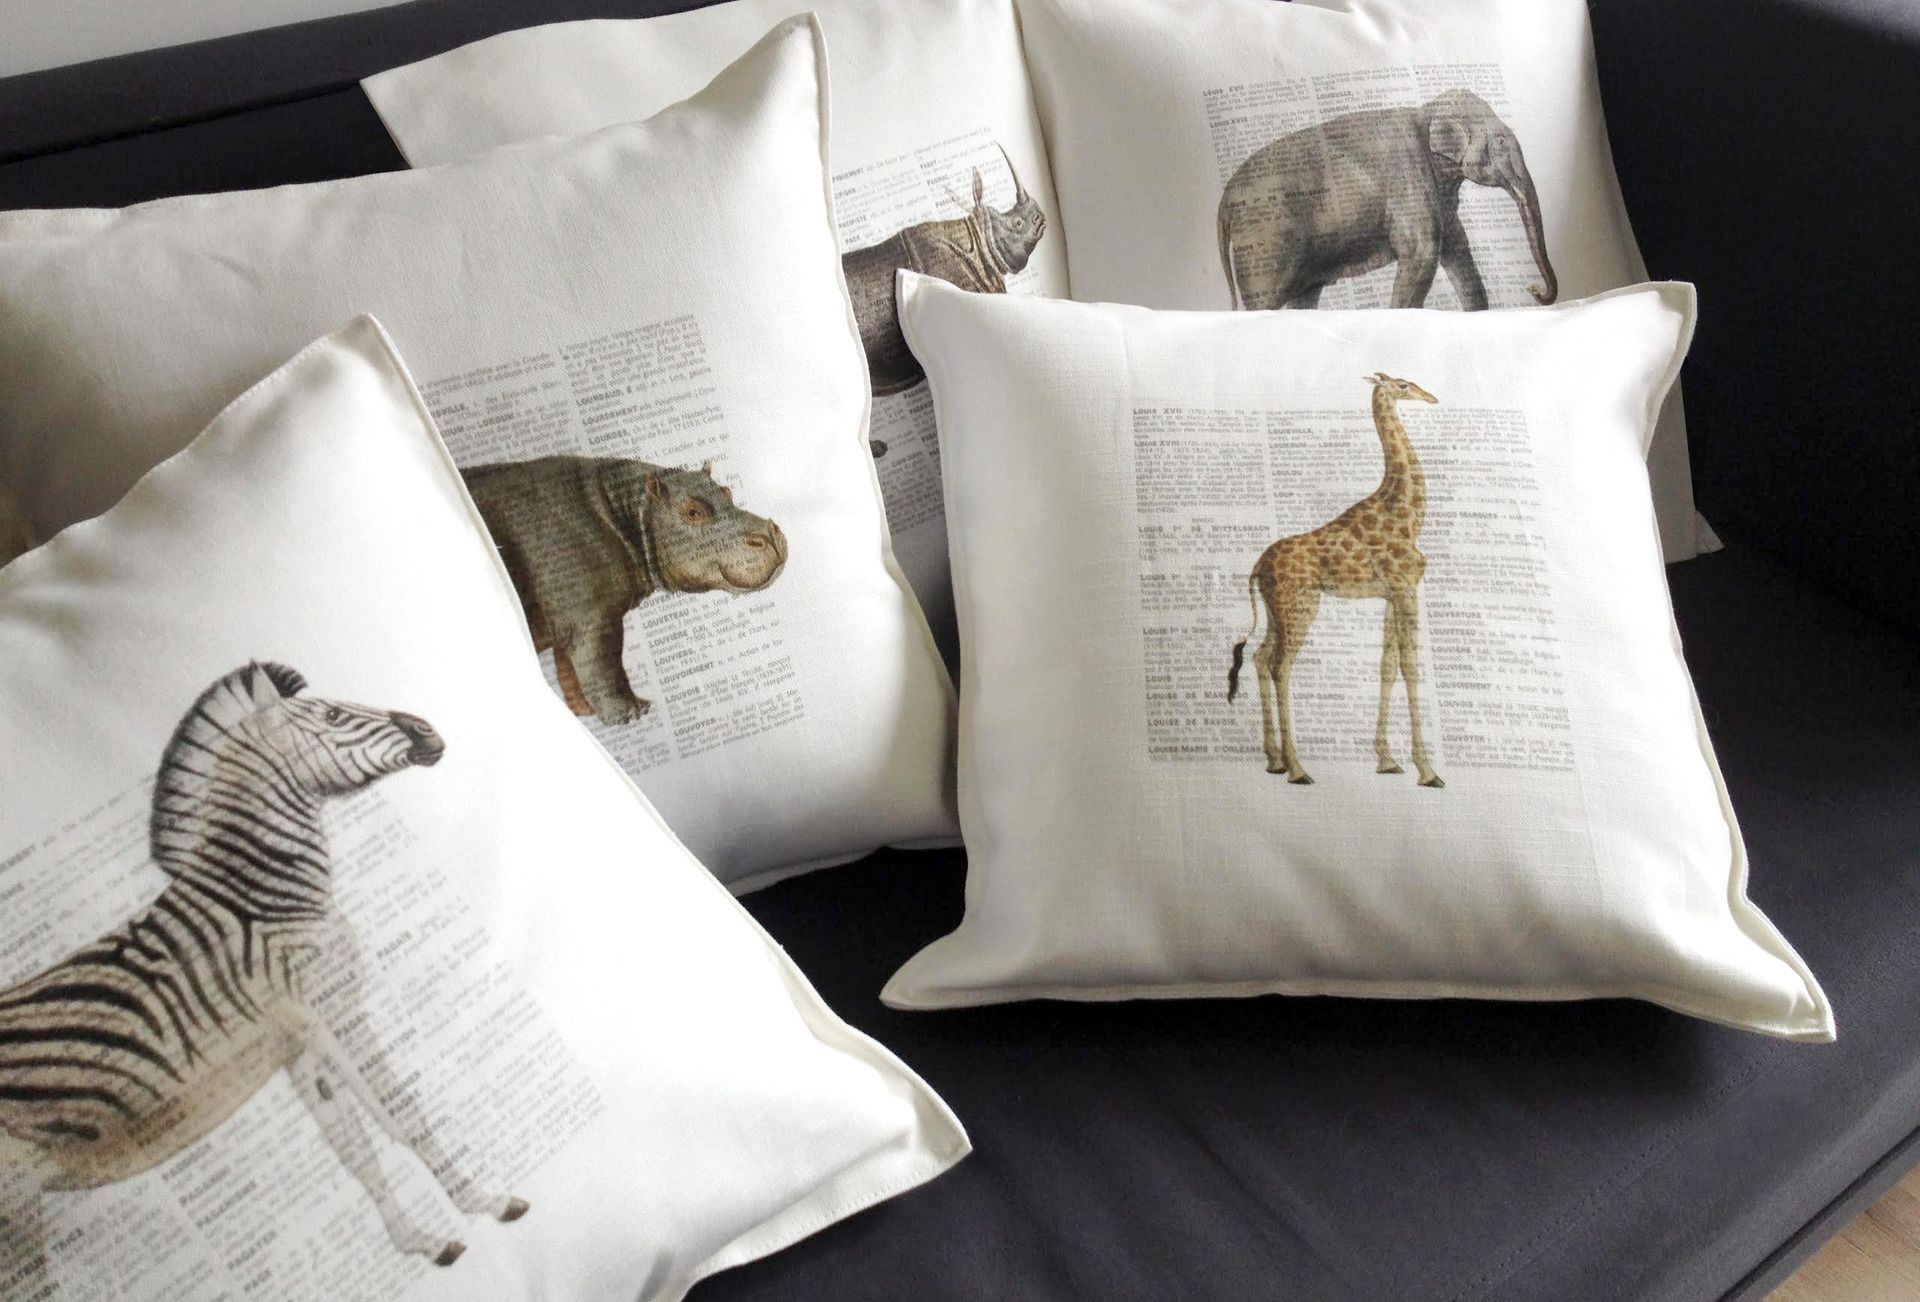 lot de coussin lot de 5 housses de coussins en lin et coton, thème safari animaux  lot de coussin